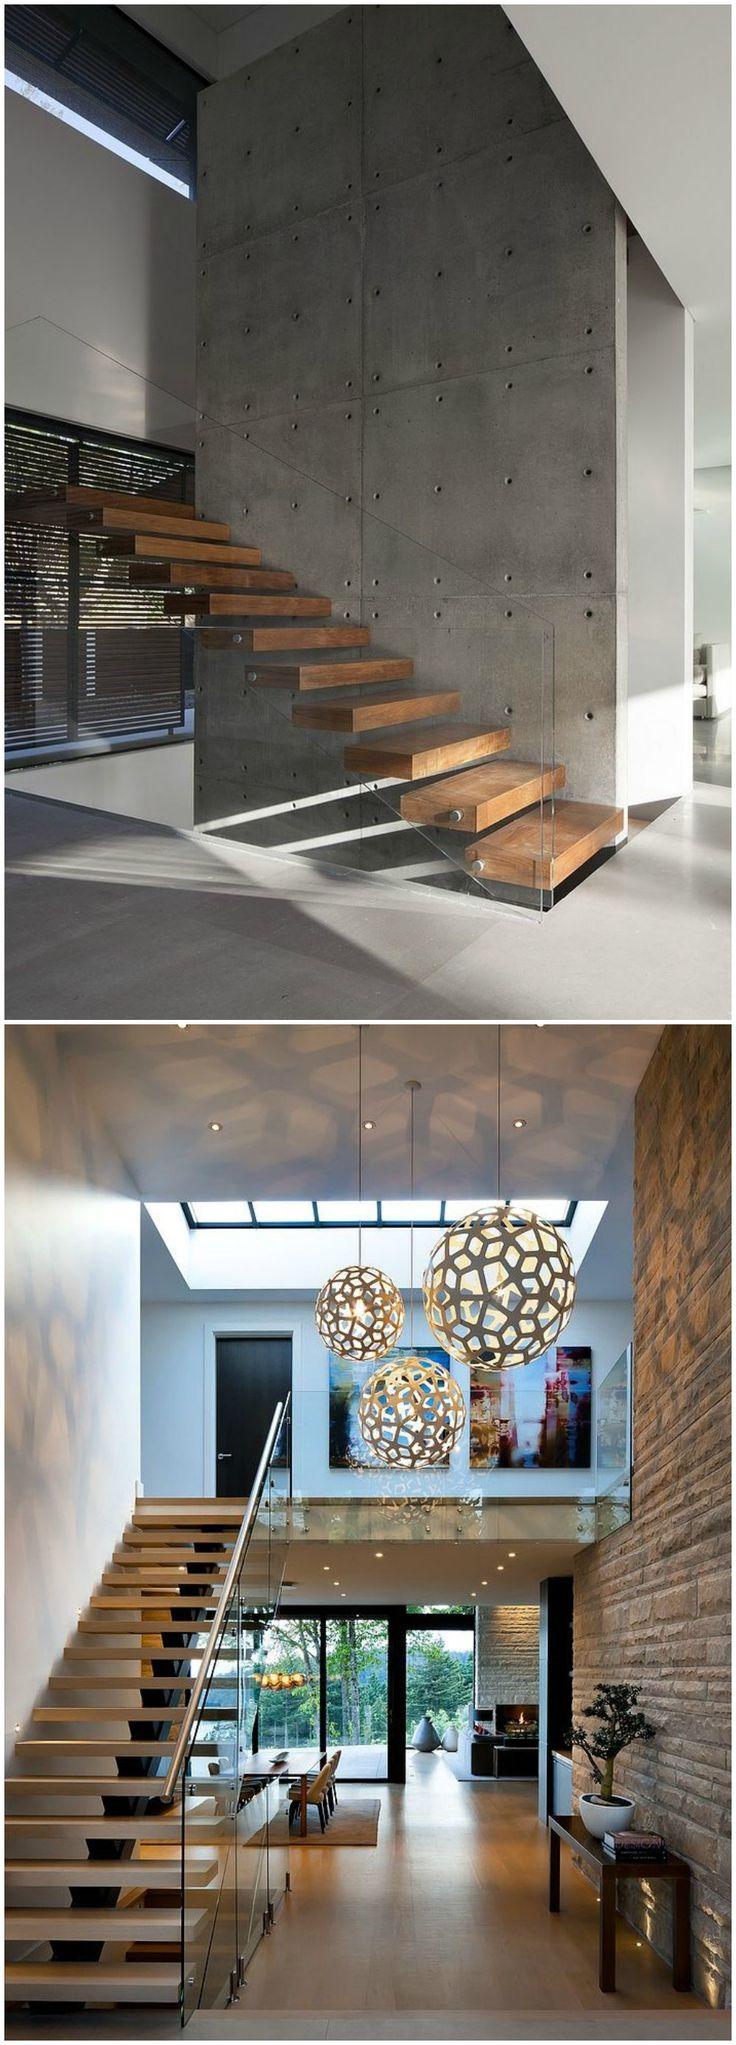 Diseño de escalera. Visto en www.momocca.com